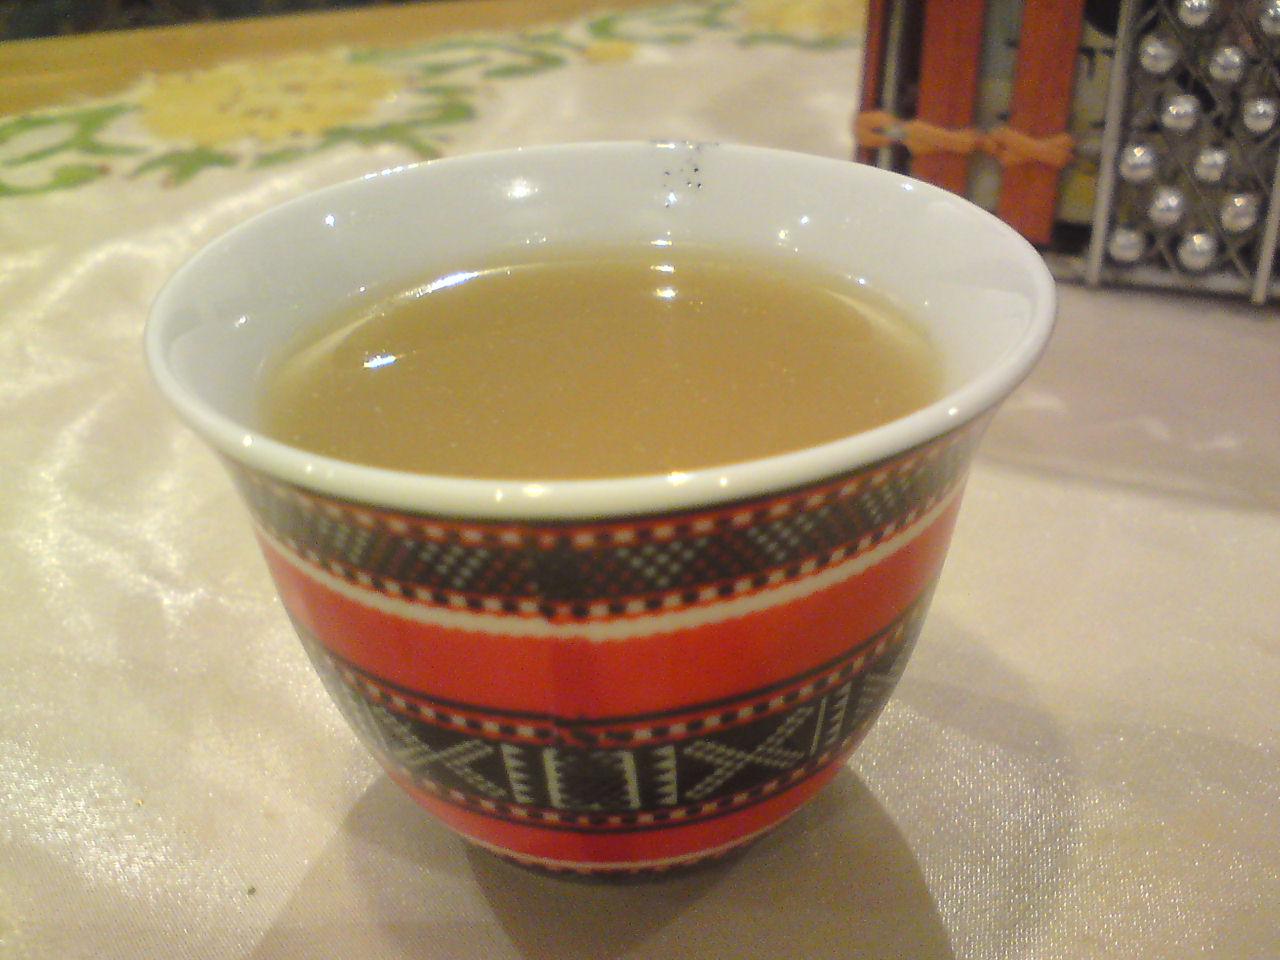 بالصور صور عن القهوة , اجمل الصور لاجمل فنجان قهوه 4978 10